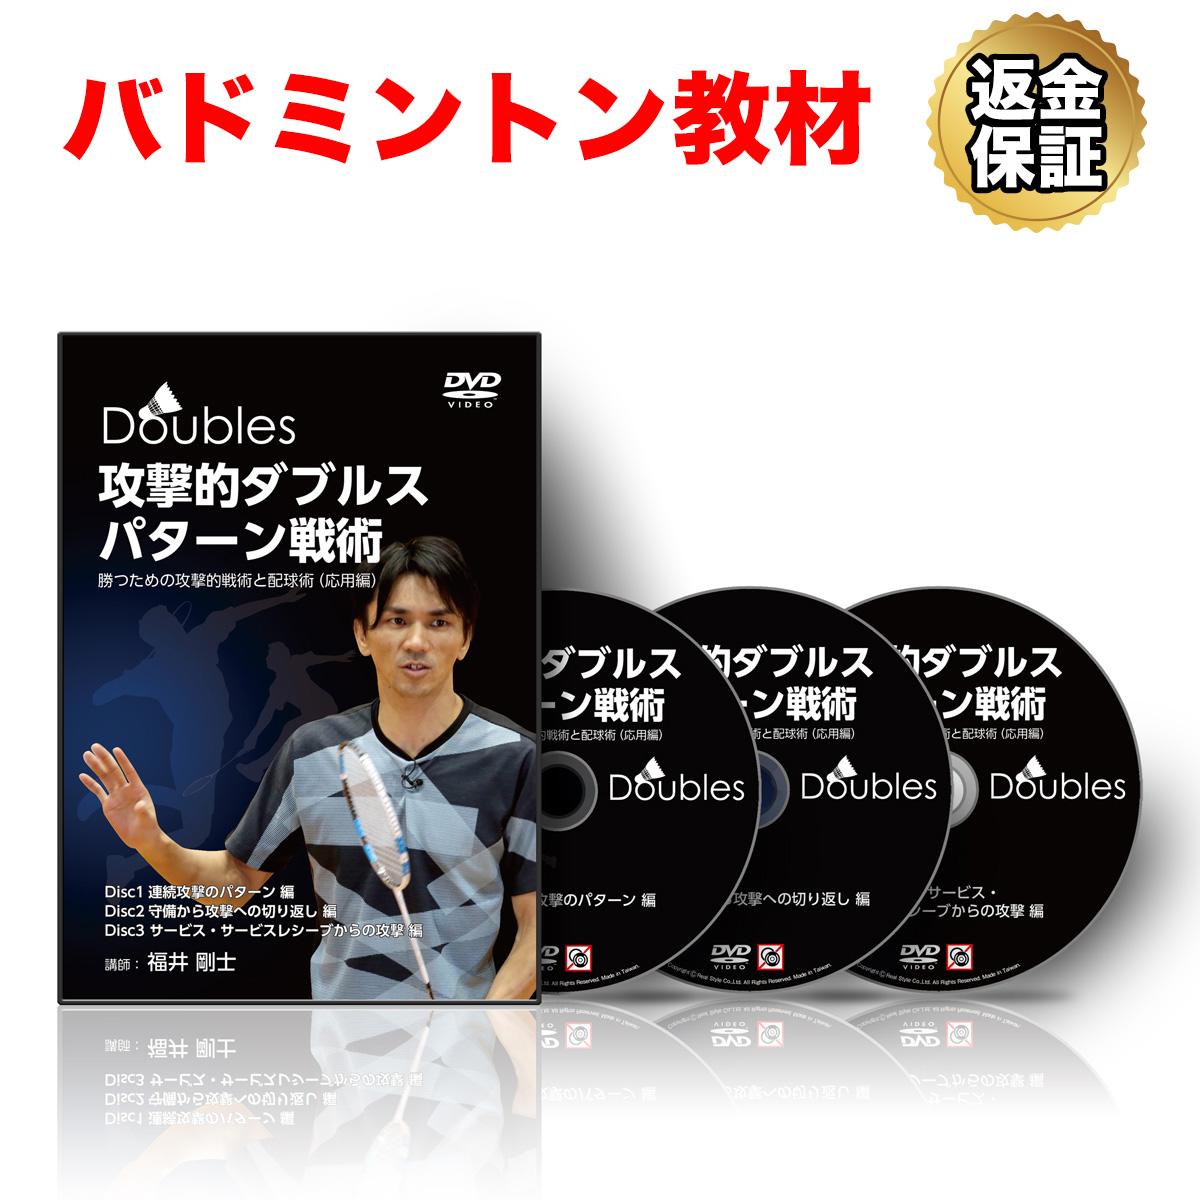 バドミントン 教材 DVD 攻撃的ダブルスパターン戦術~勝つための攻撃的戦術と配球術(応用編)~